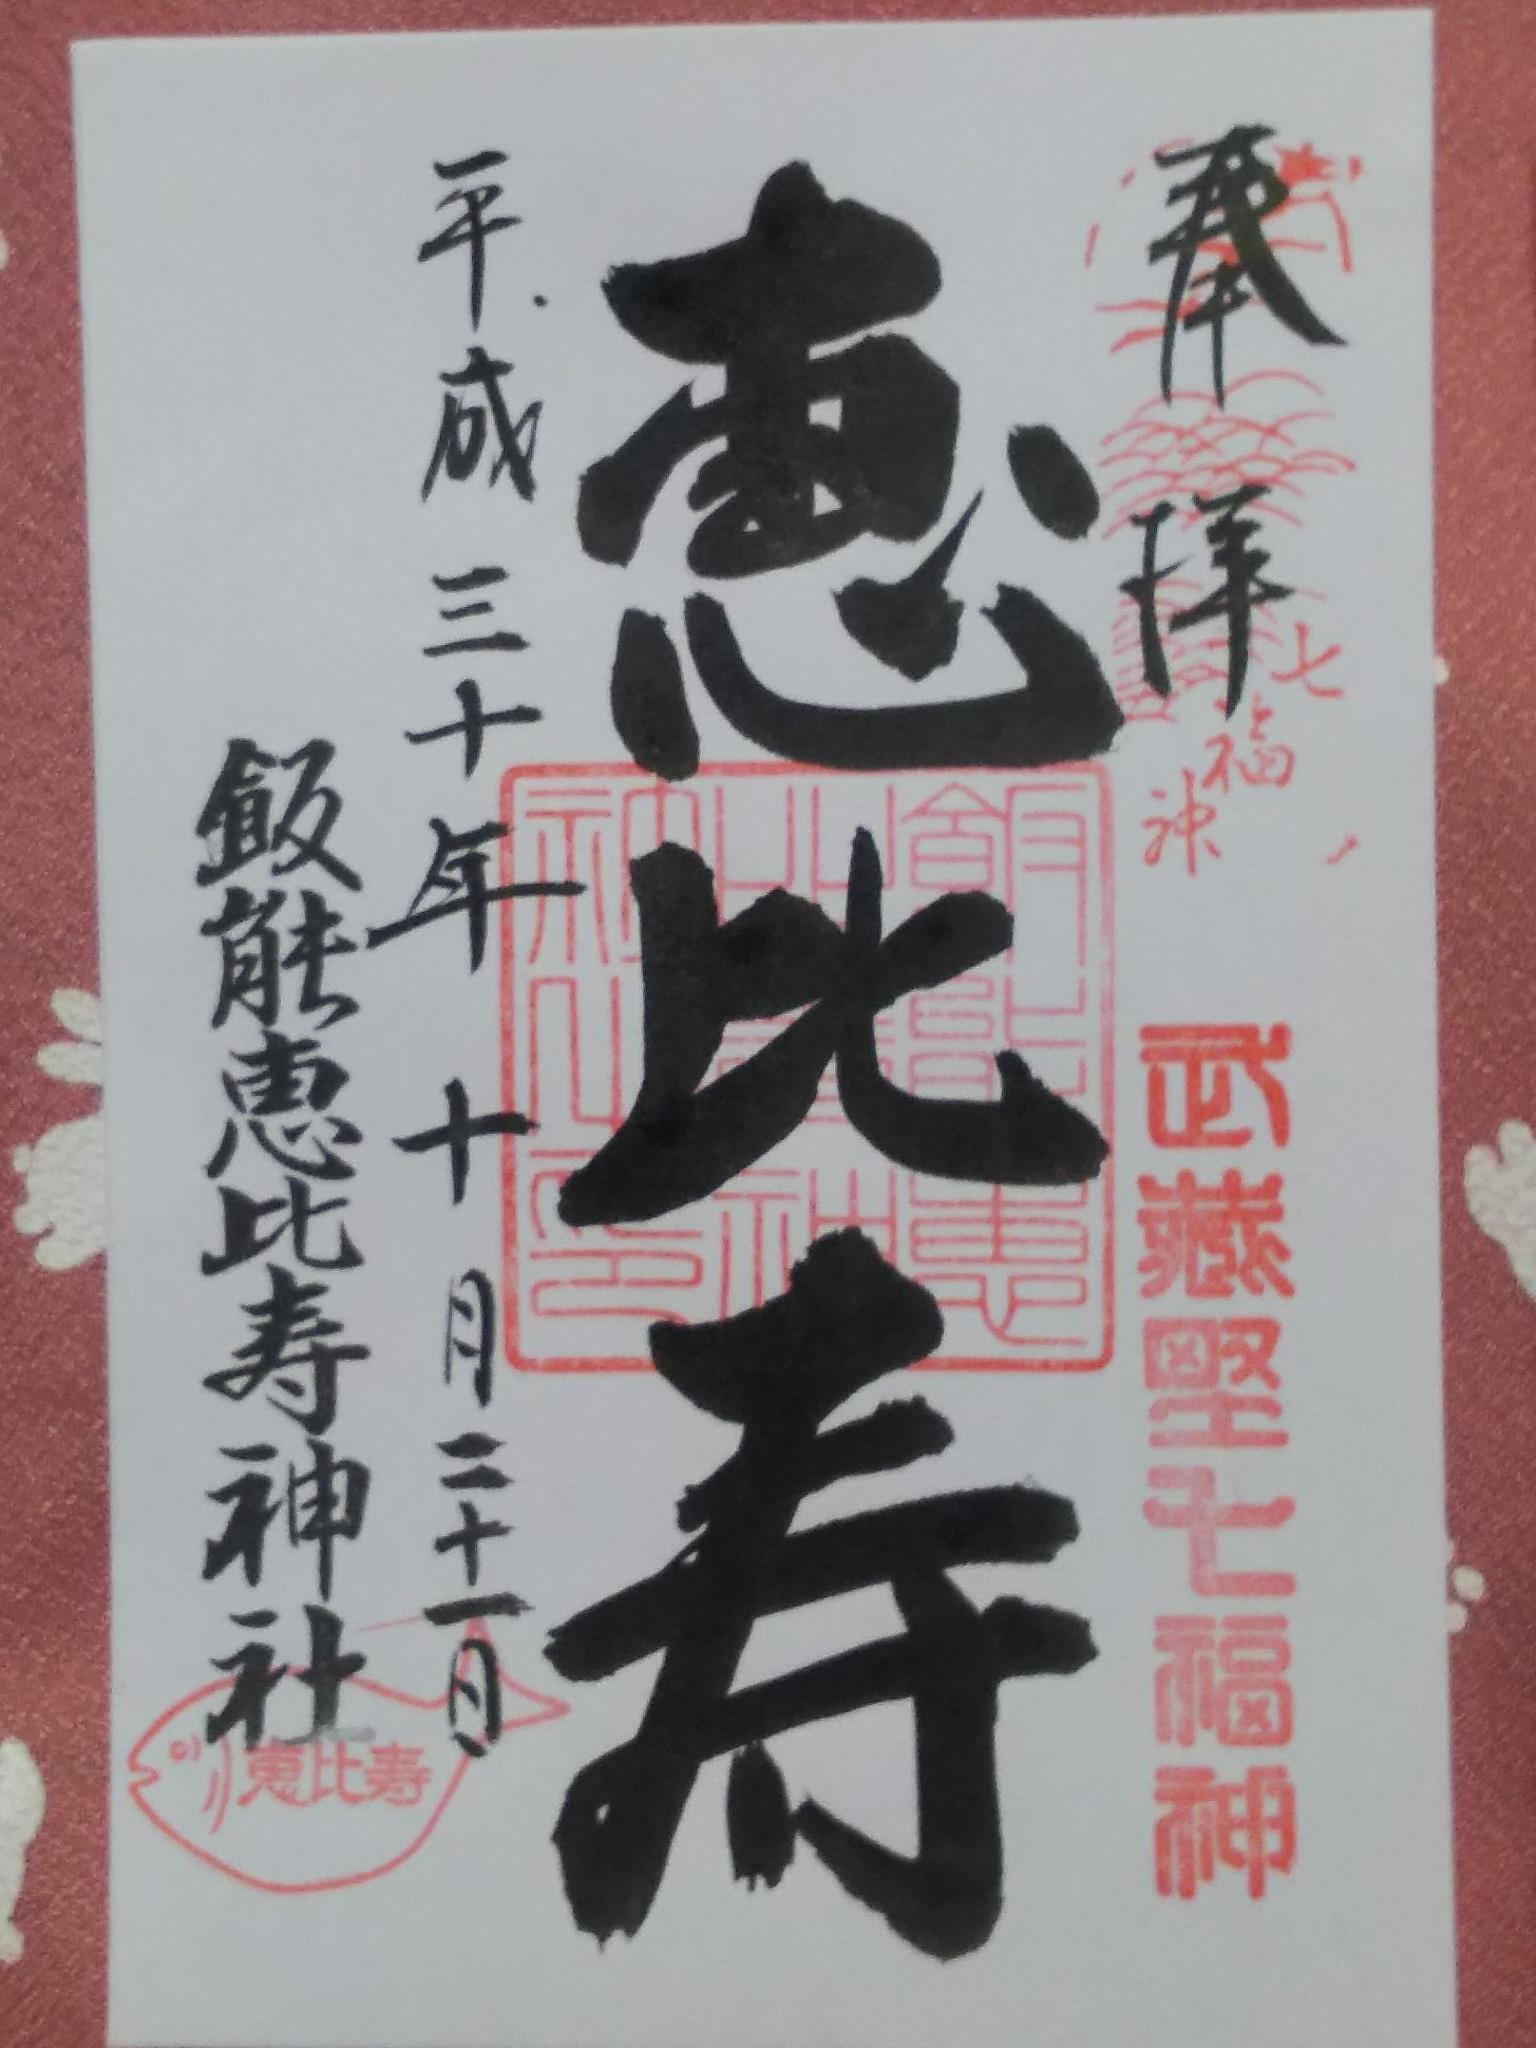 諏訪八幡神社の御朱印(埼玉県飯能駅)